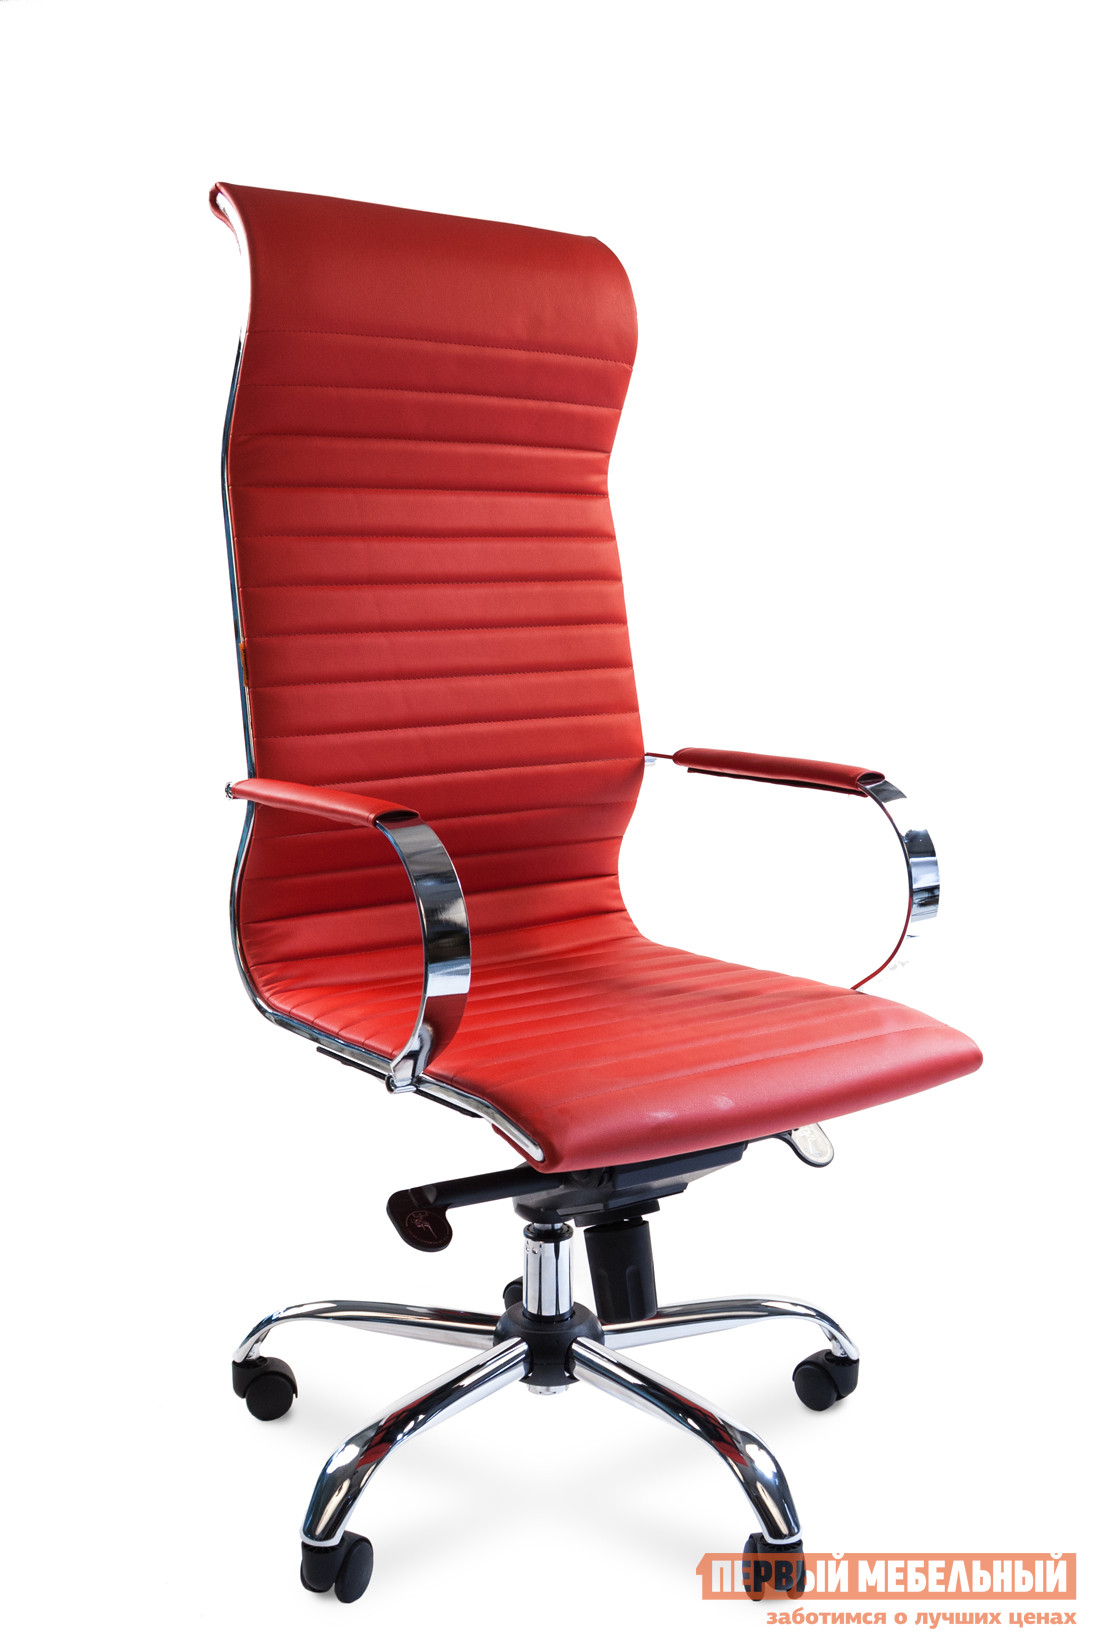 Кресло руководителя Тайпит CH 710 кресло руководителя тайпит fuga